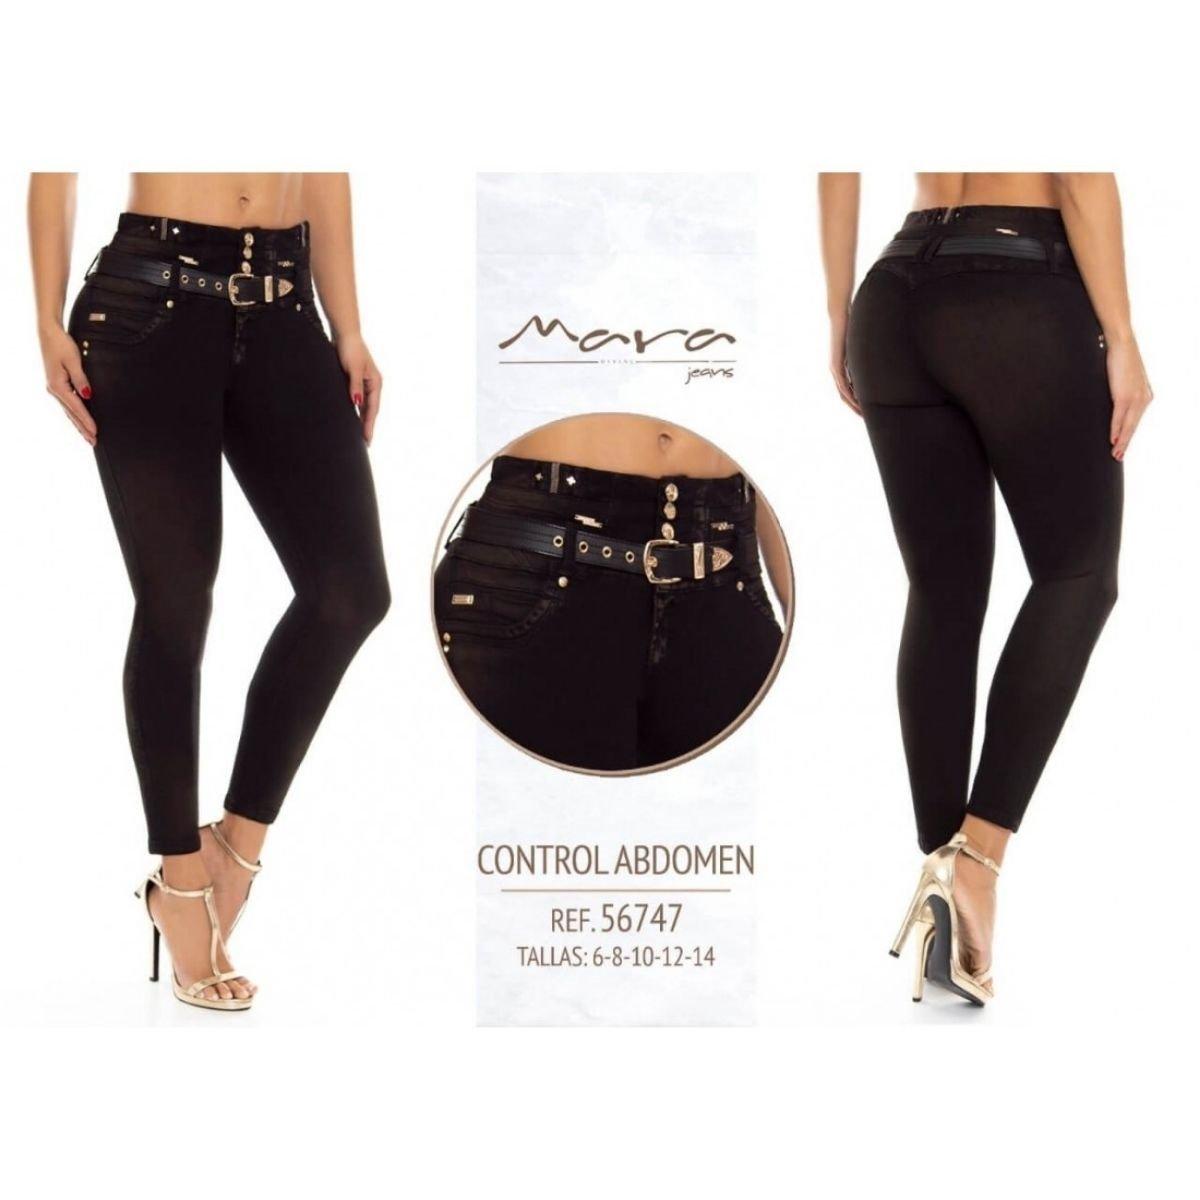 Pantalon Colombiano mara jeans 56747